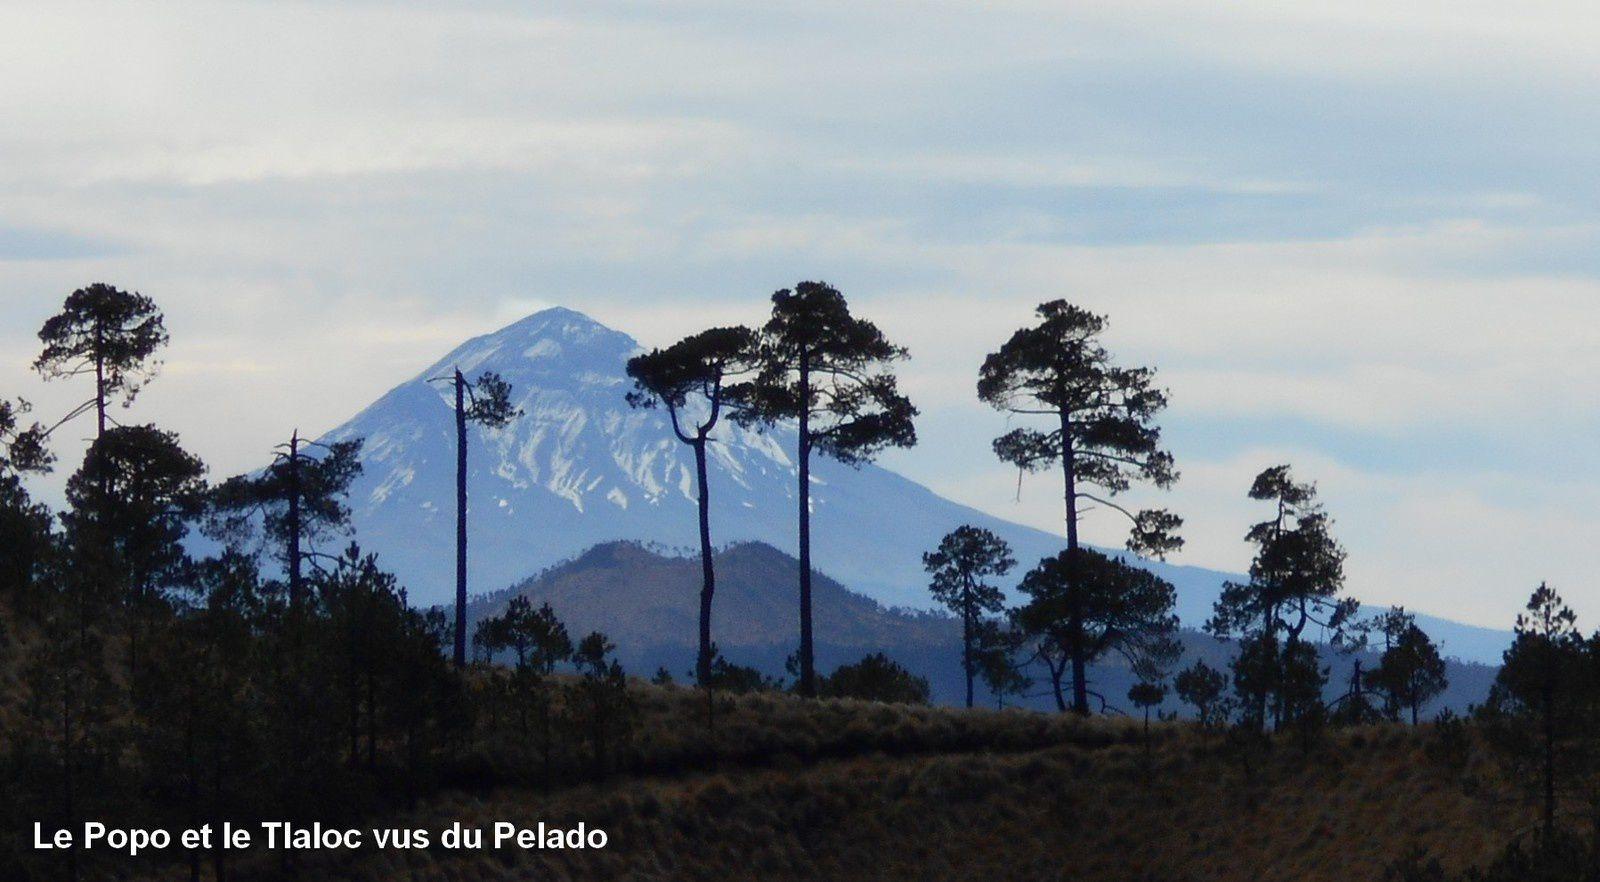 Les aspects pratiques de l'ascension du volcan Pelado